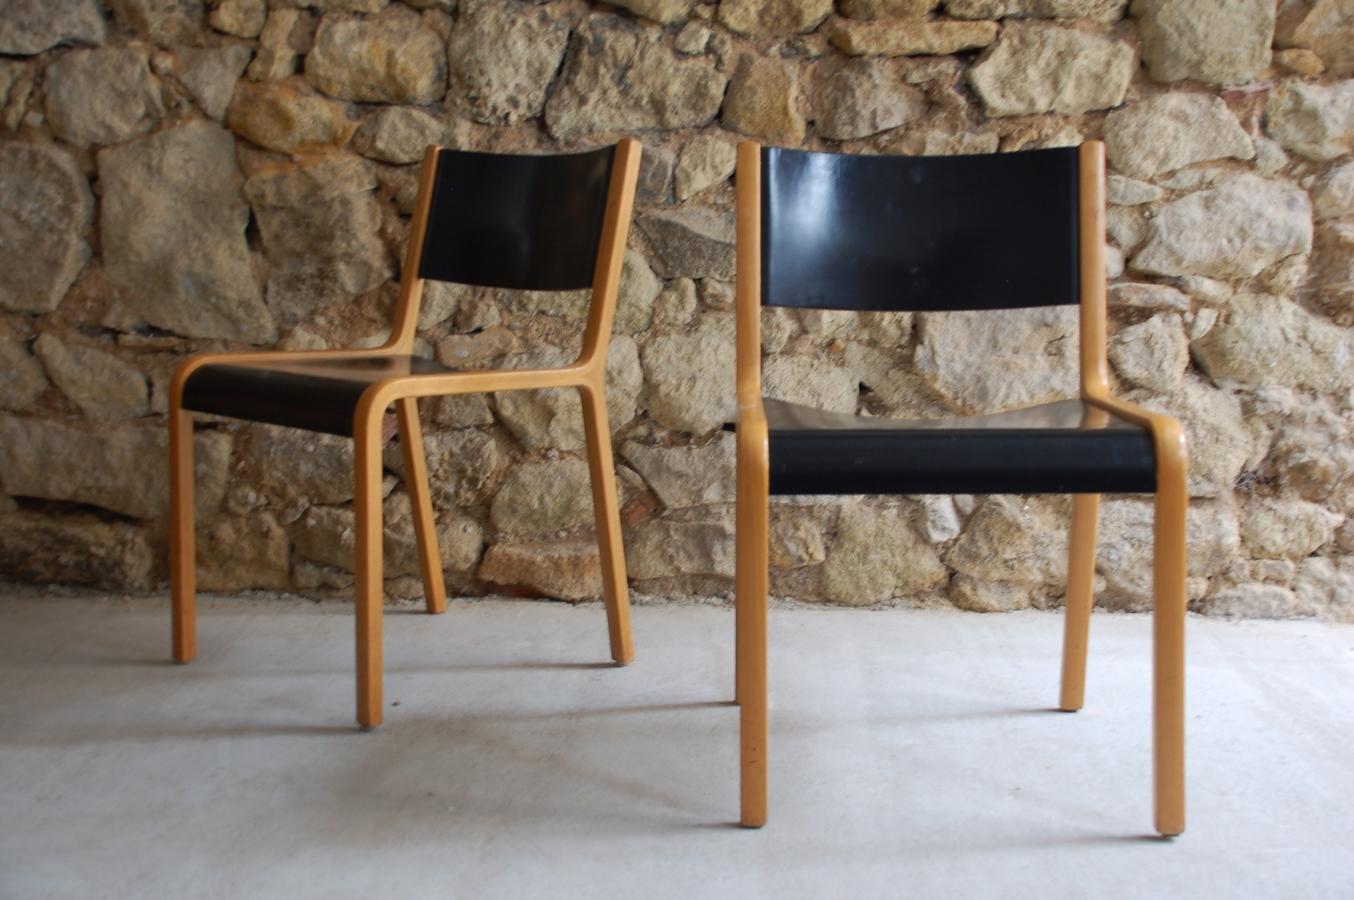 Alte gebrauchte Vintage Esszimmer Holz Stühle Wilkhahn 1960 Mid Century Chair (7) a